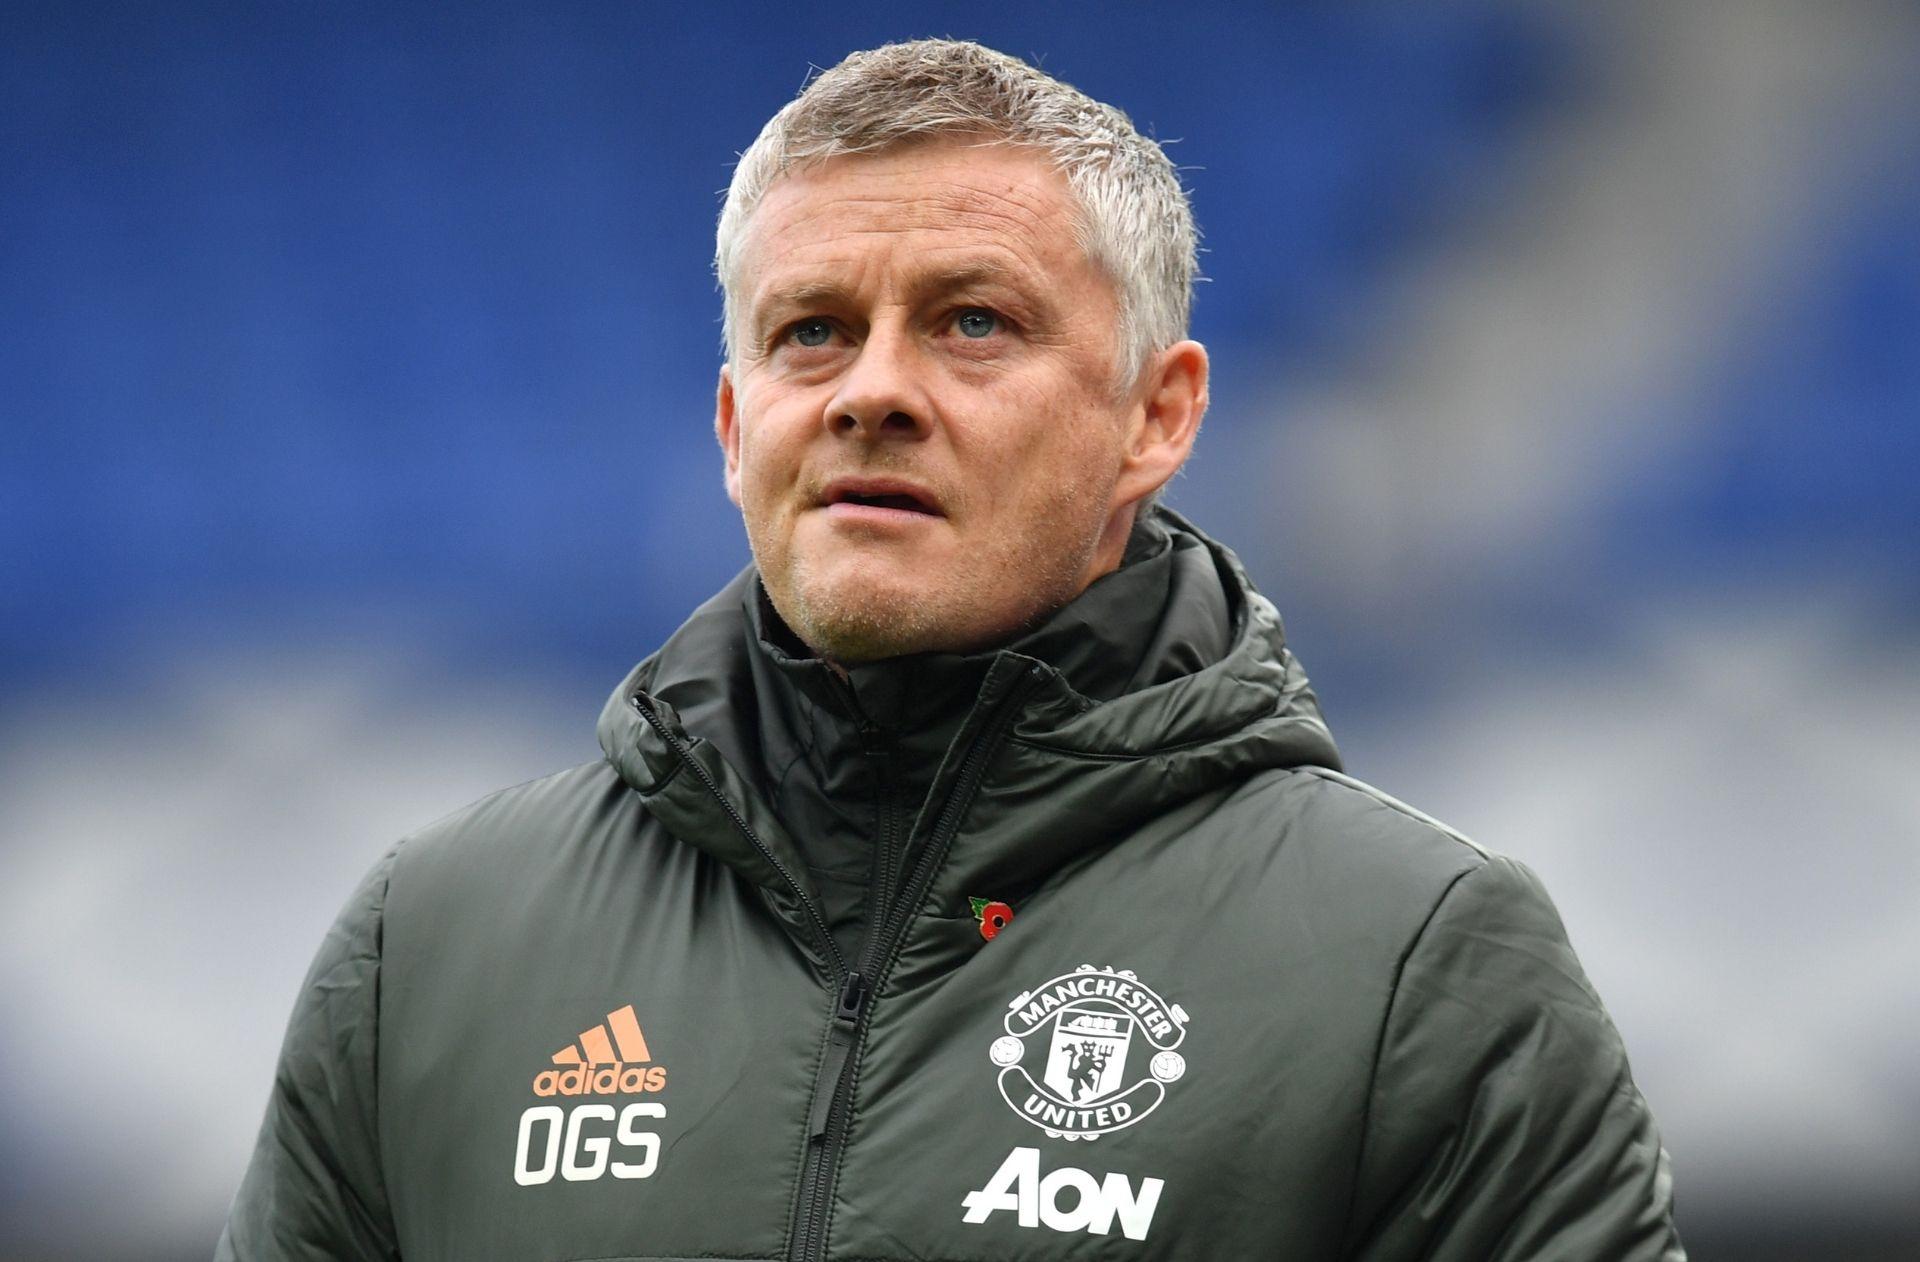 Ole Gunnar Solskjaer - Man United